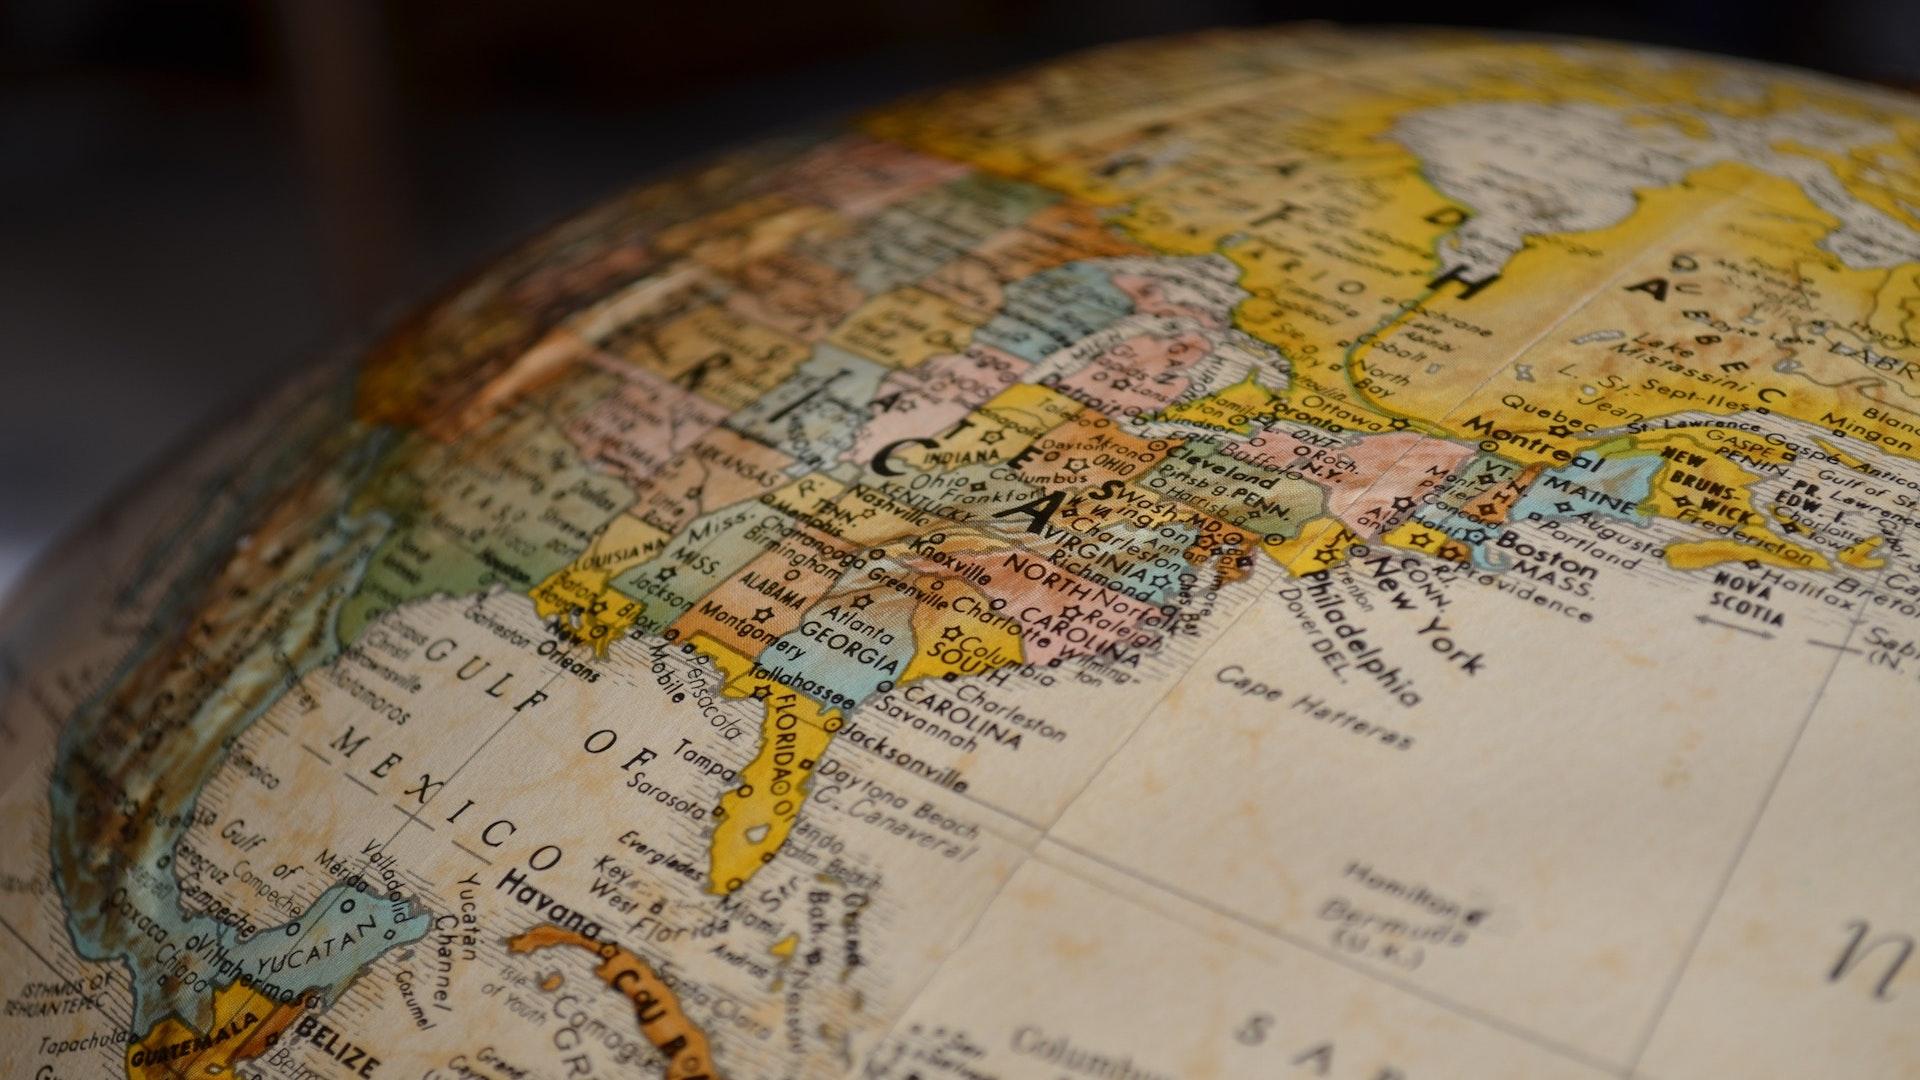 グローバル化が進む社会